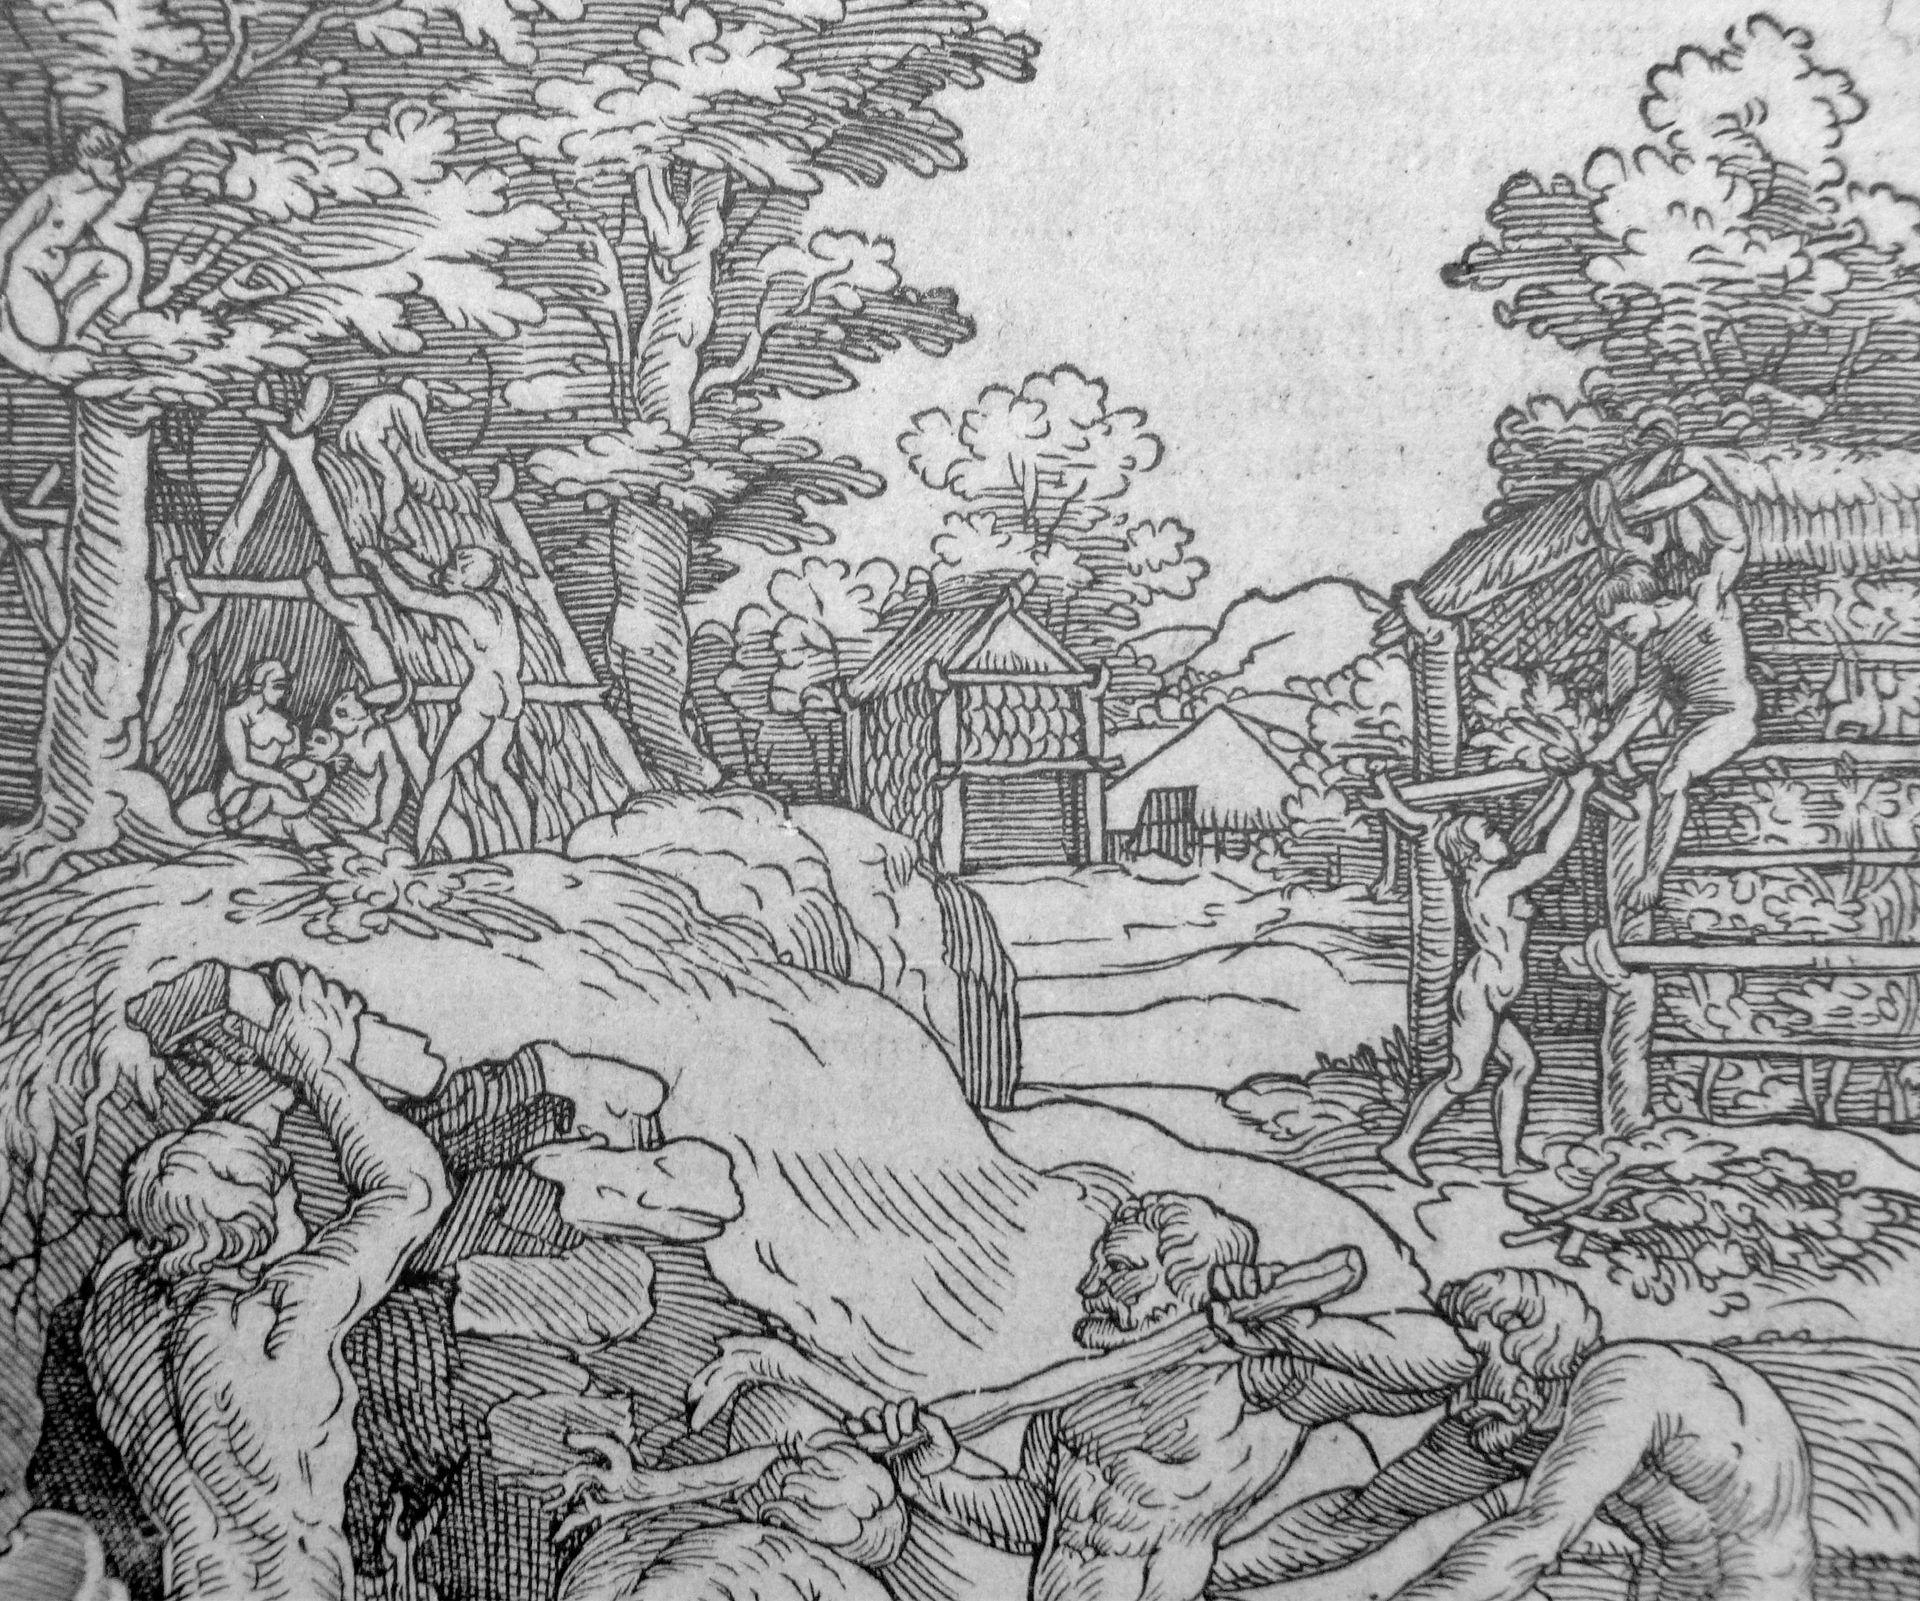 Der erste Hüttenbau Detail: Hintergrund